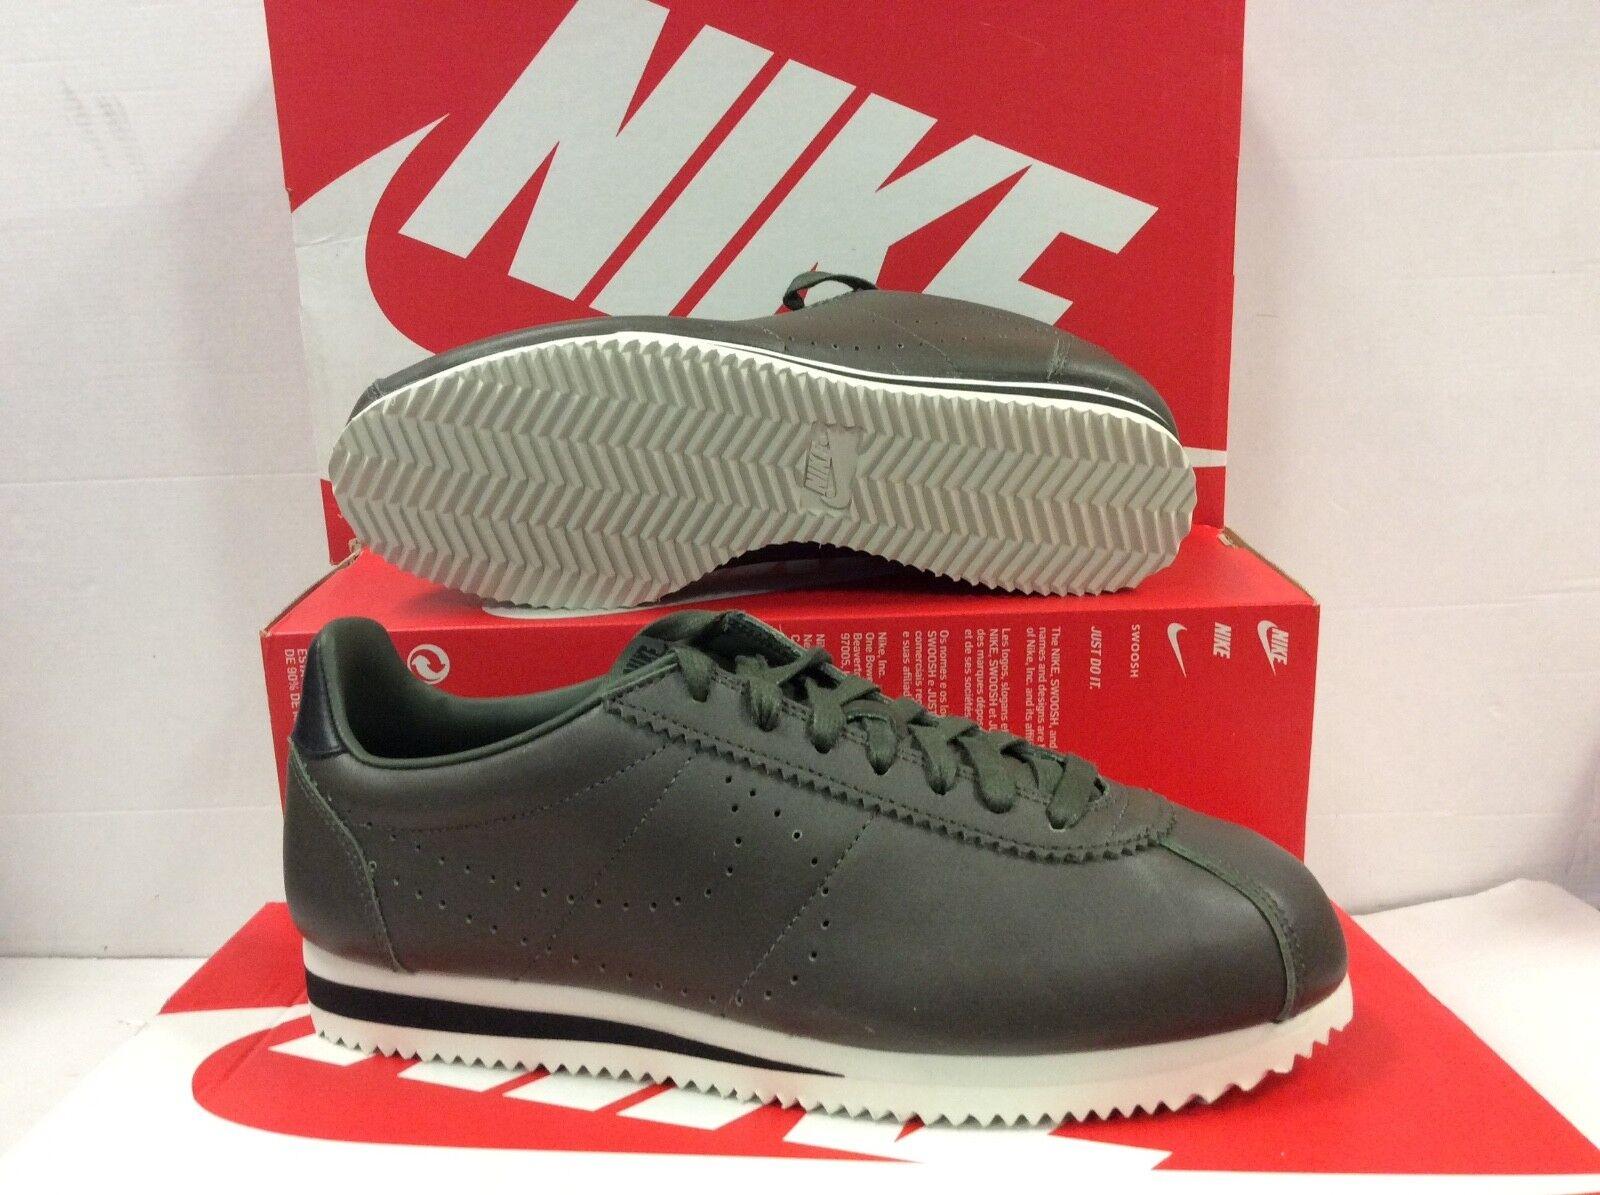 meet cf0a9 ff42e Nike Classic Cortez en Cuir Cuir Cuir Premium Homme Baskets, Taille / 8e06d9